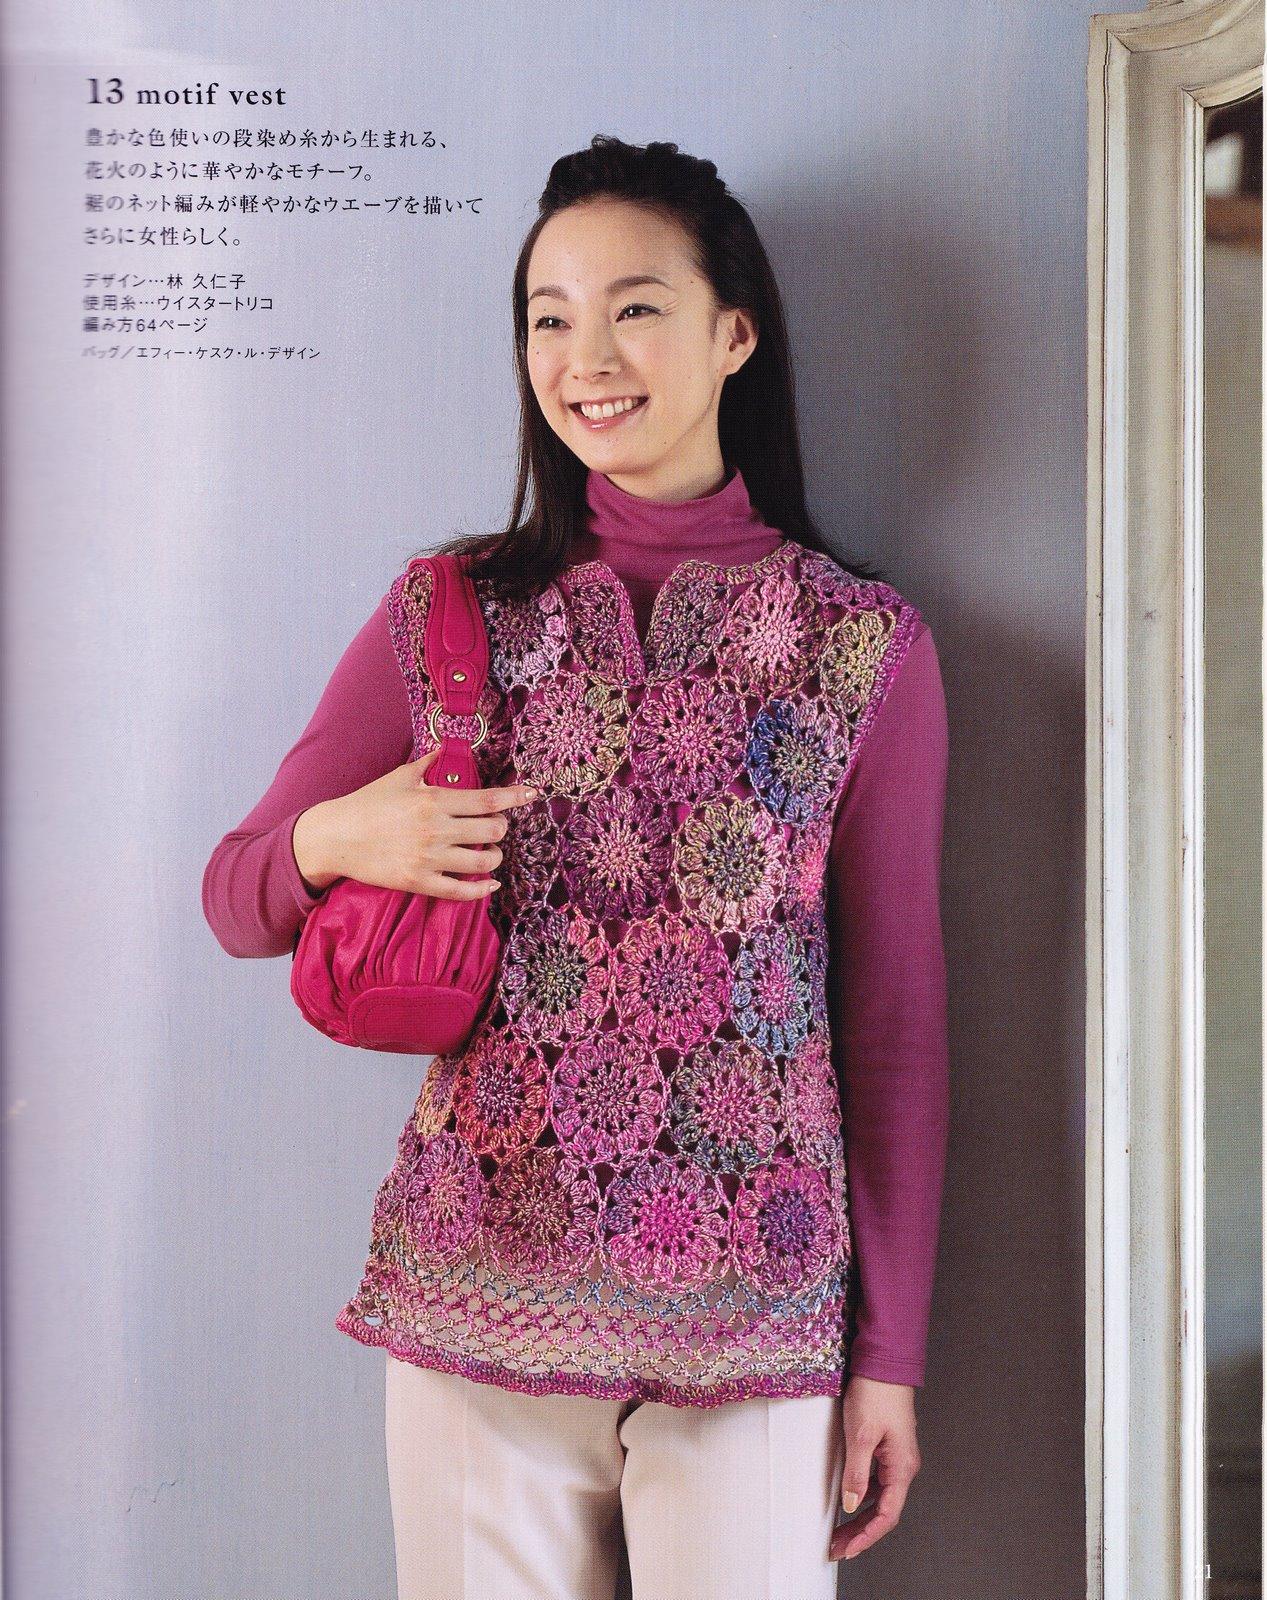 схемы крючком из японских журналов вязание крючком